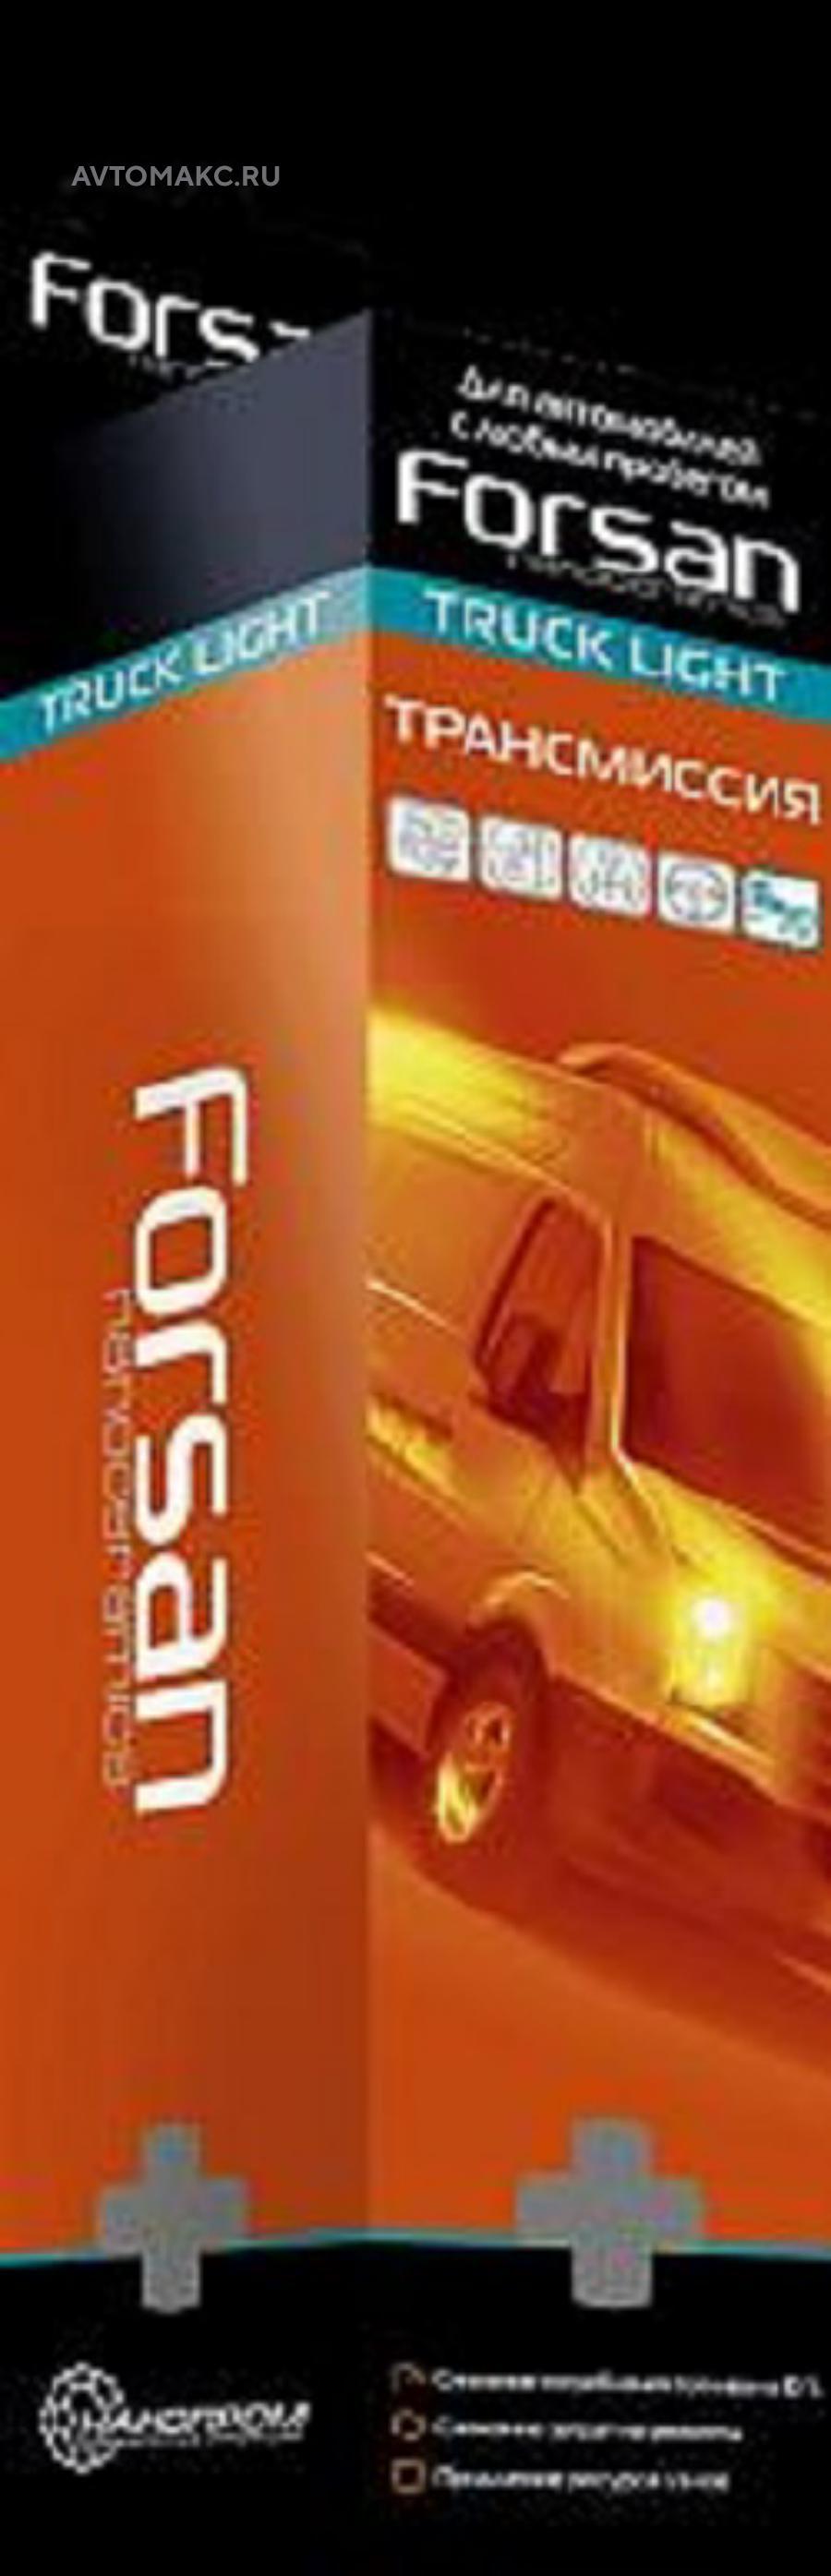 Восстановление и защита трансмиссии грузового транспорта, до 2,5тонн (TR1TR200901RU)